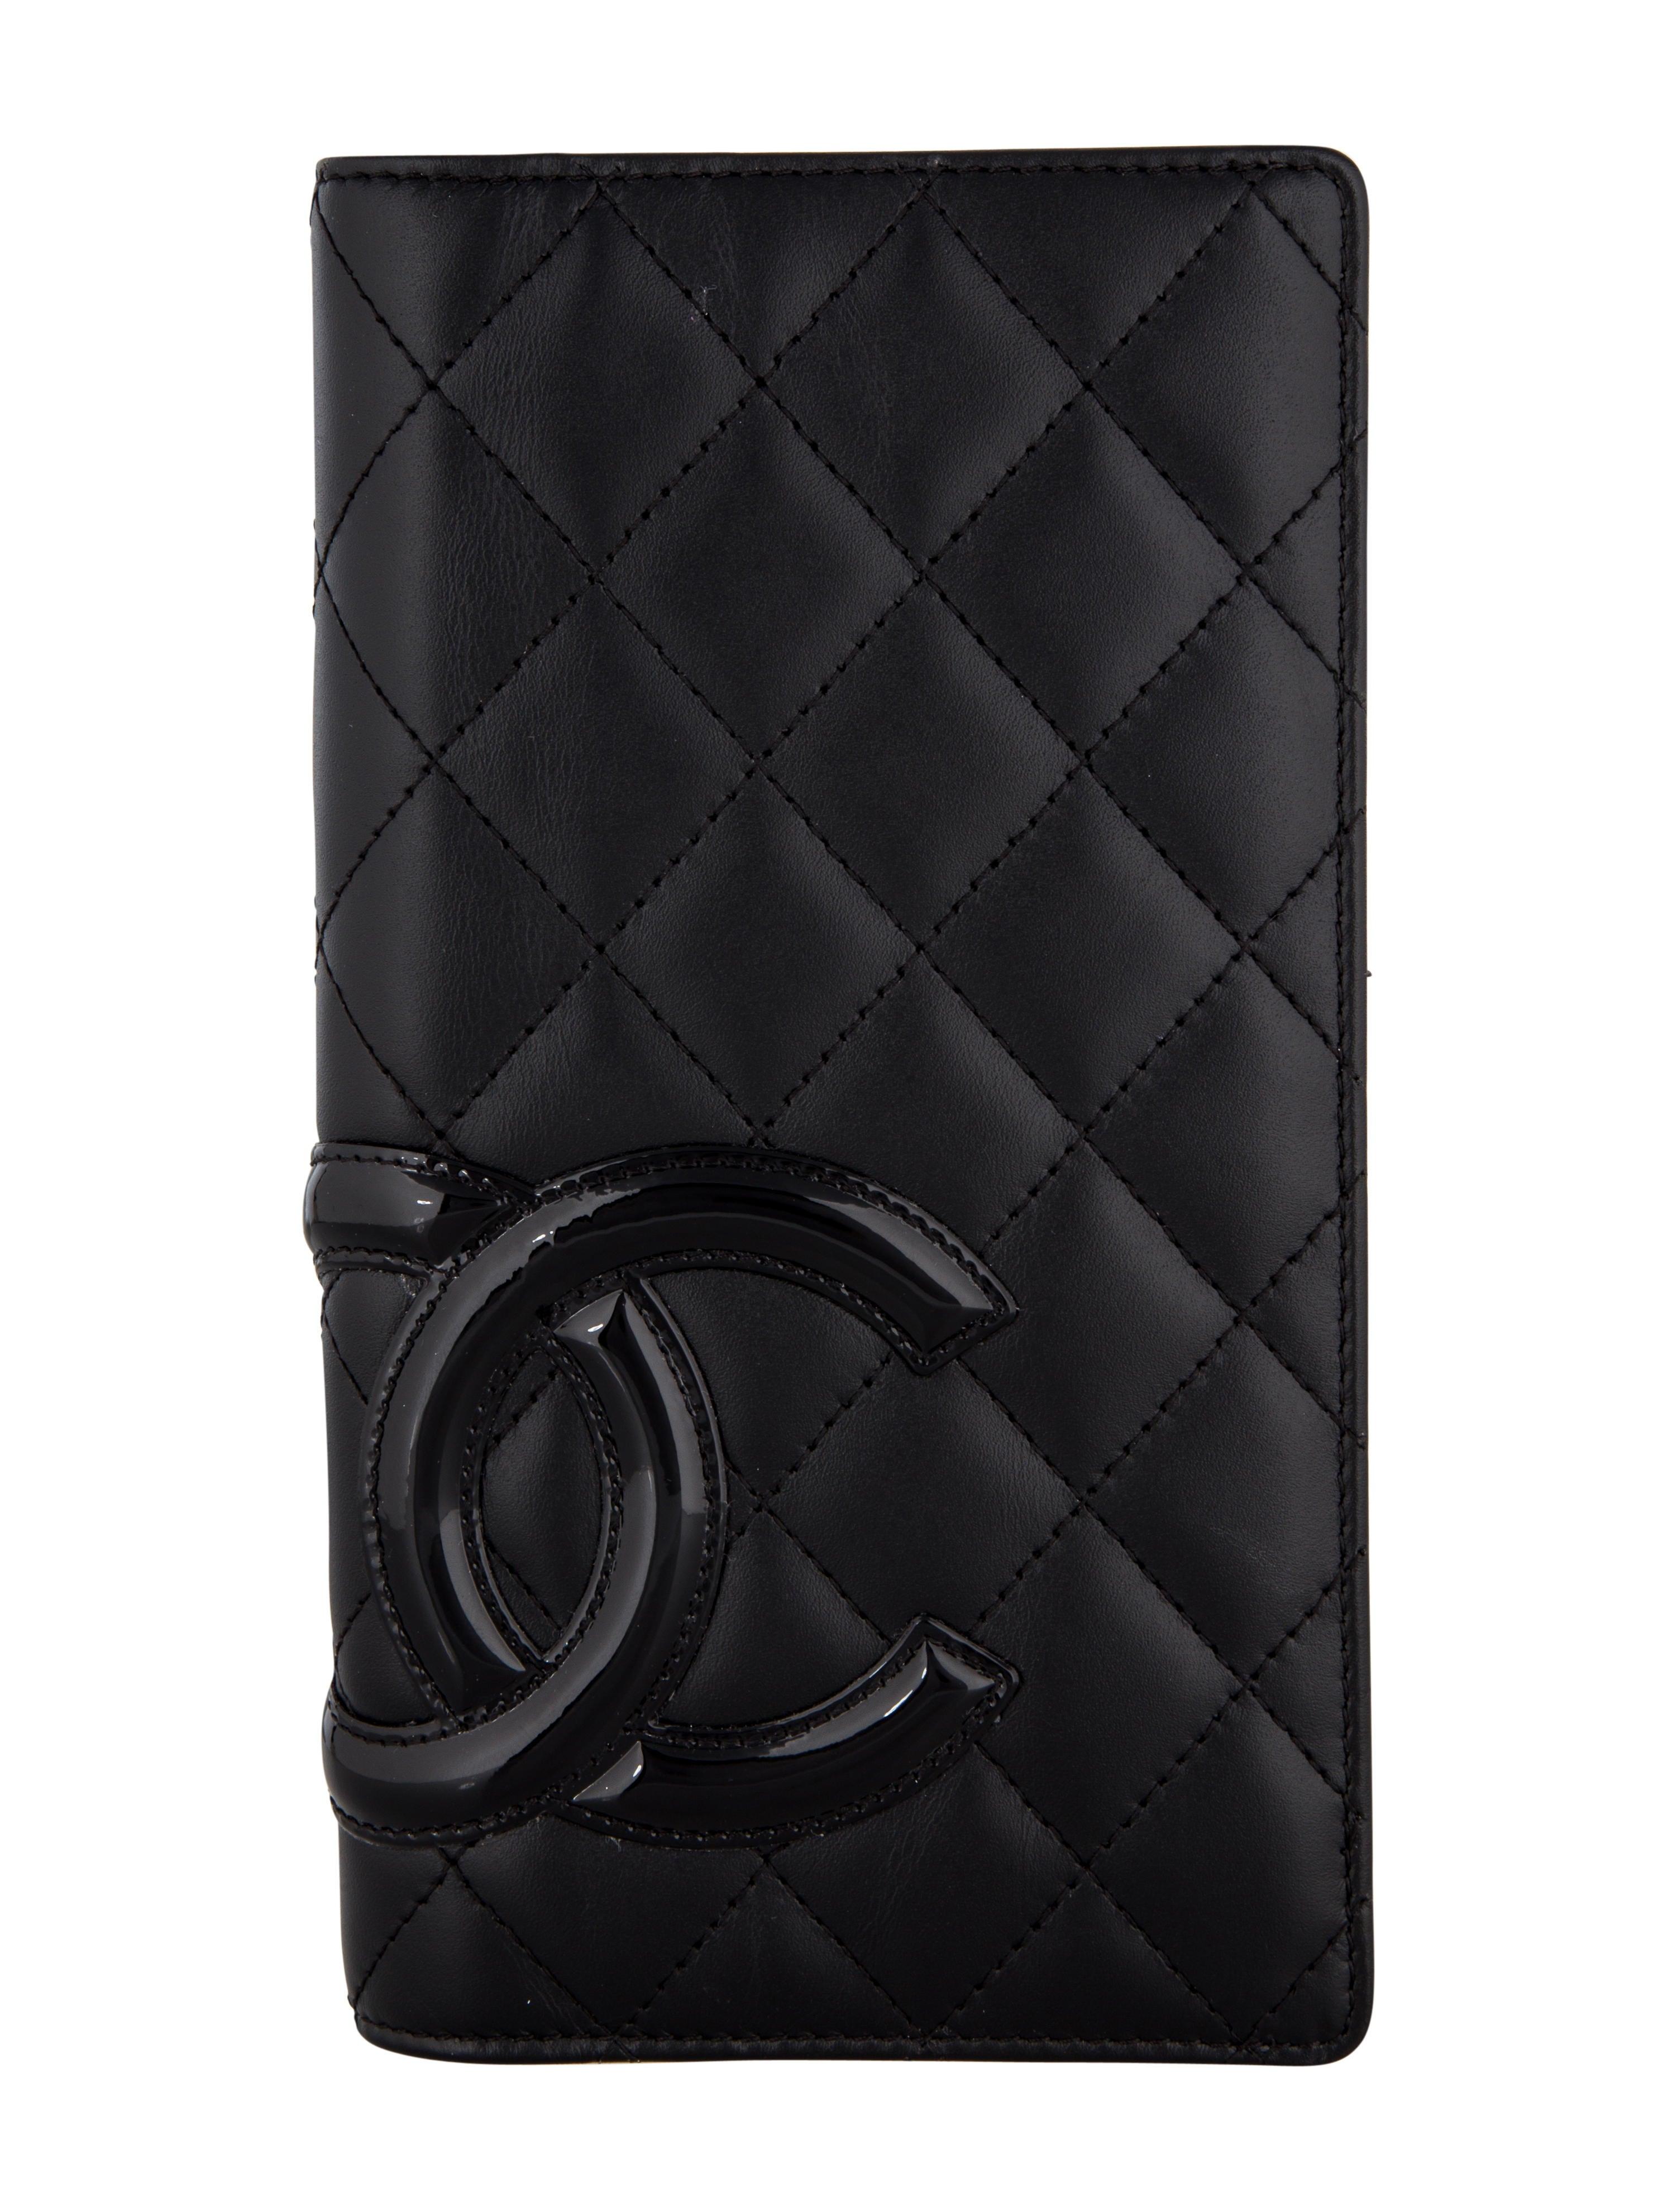 Chanel ligne cambon agenda cover decor and accessories for Artistic accents genuine silver decoration